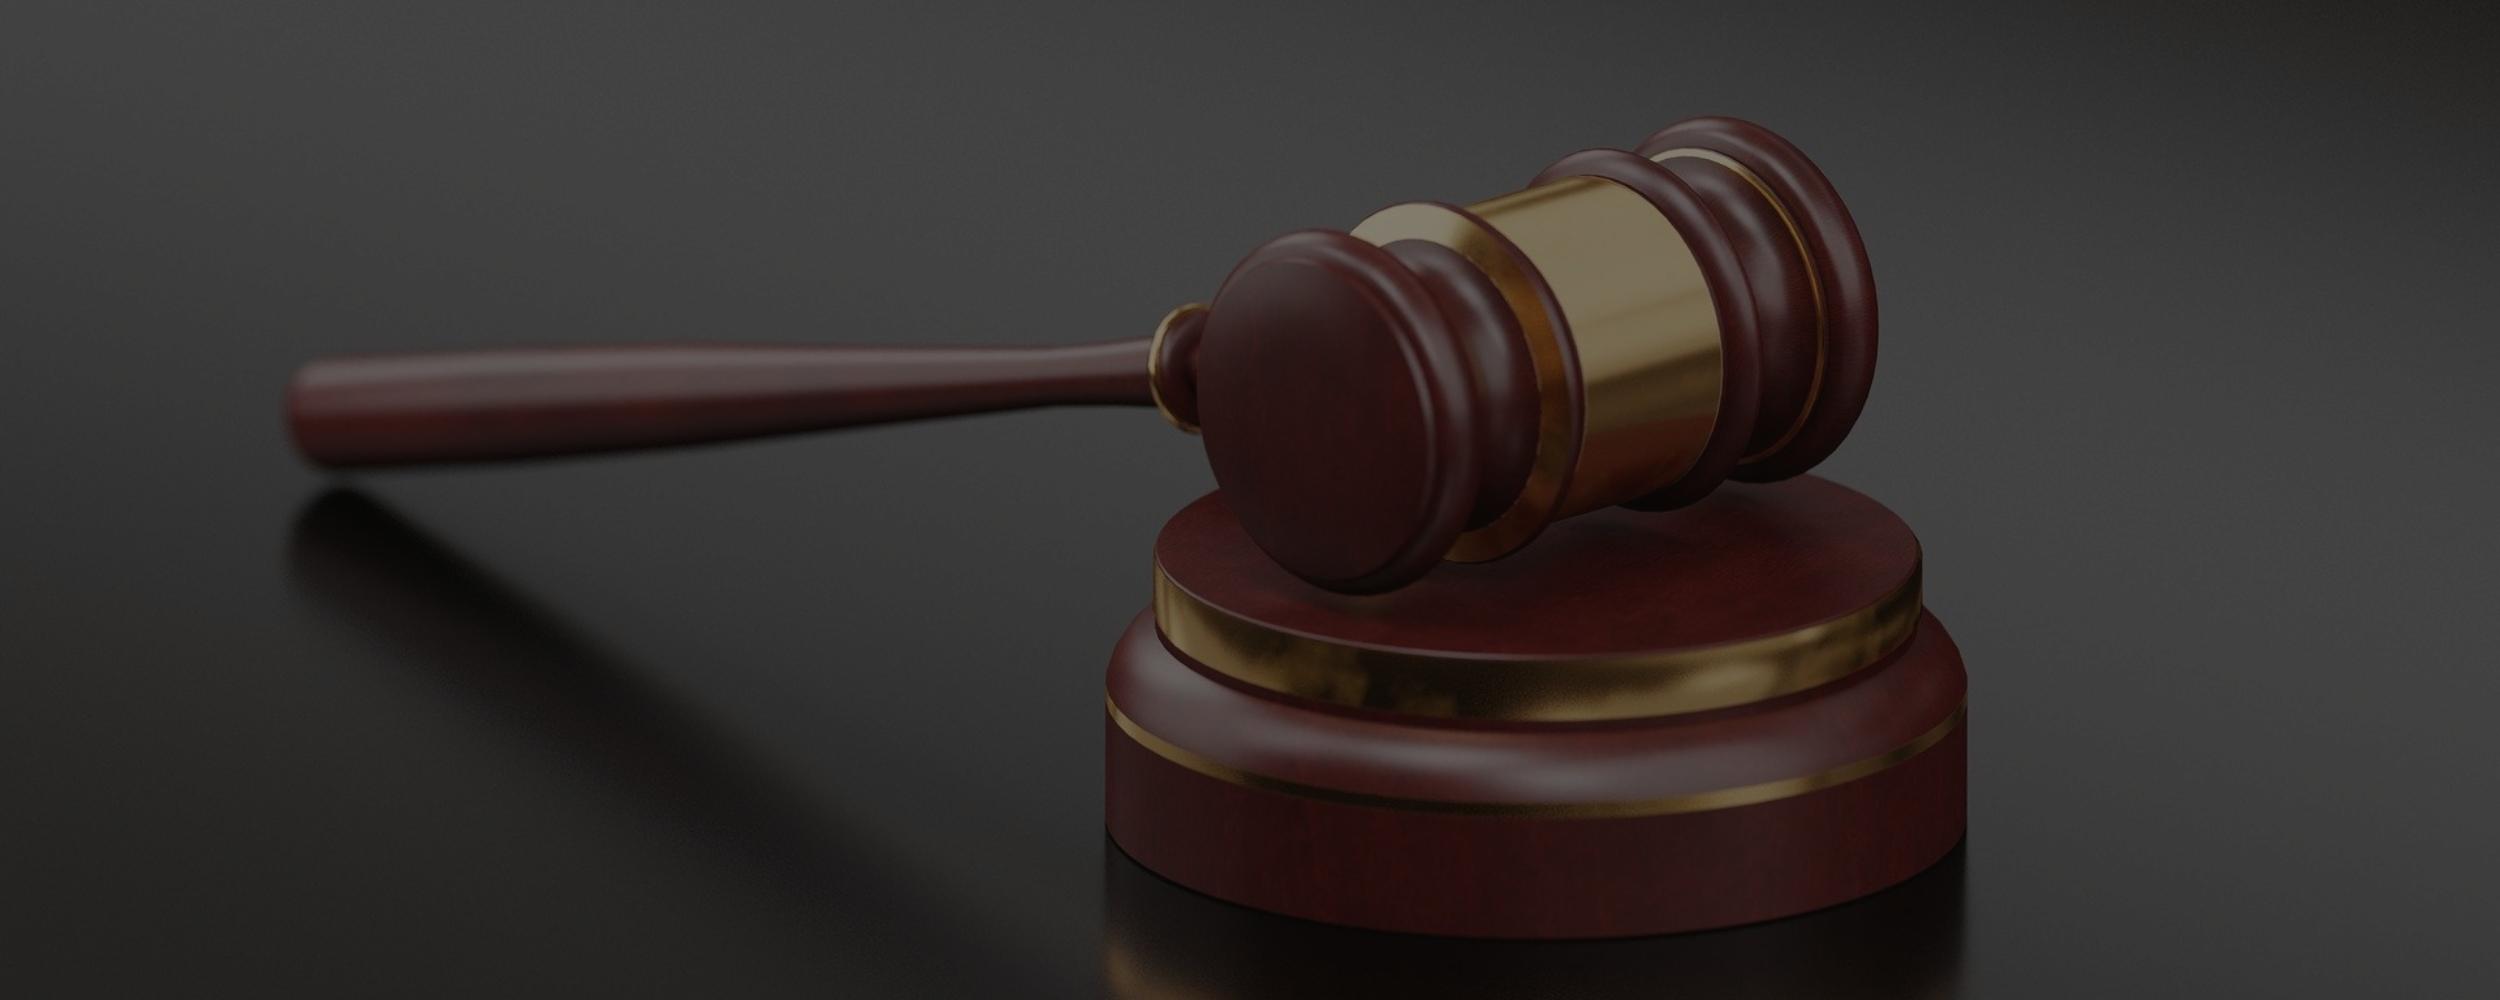 El Tribunal Supremo declara que los pactos novatorios no convalidan la cláusula suelo inicial